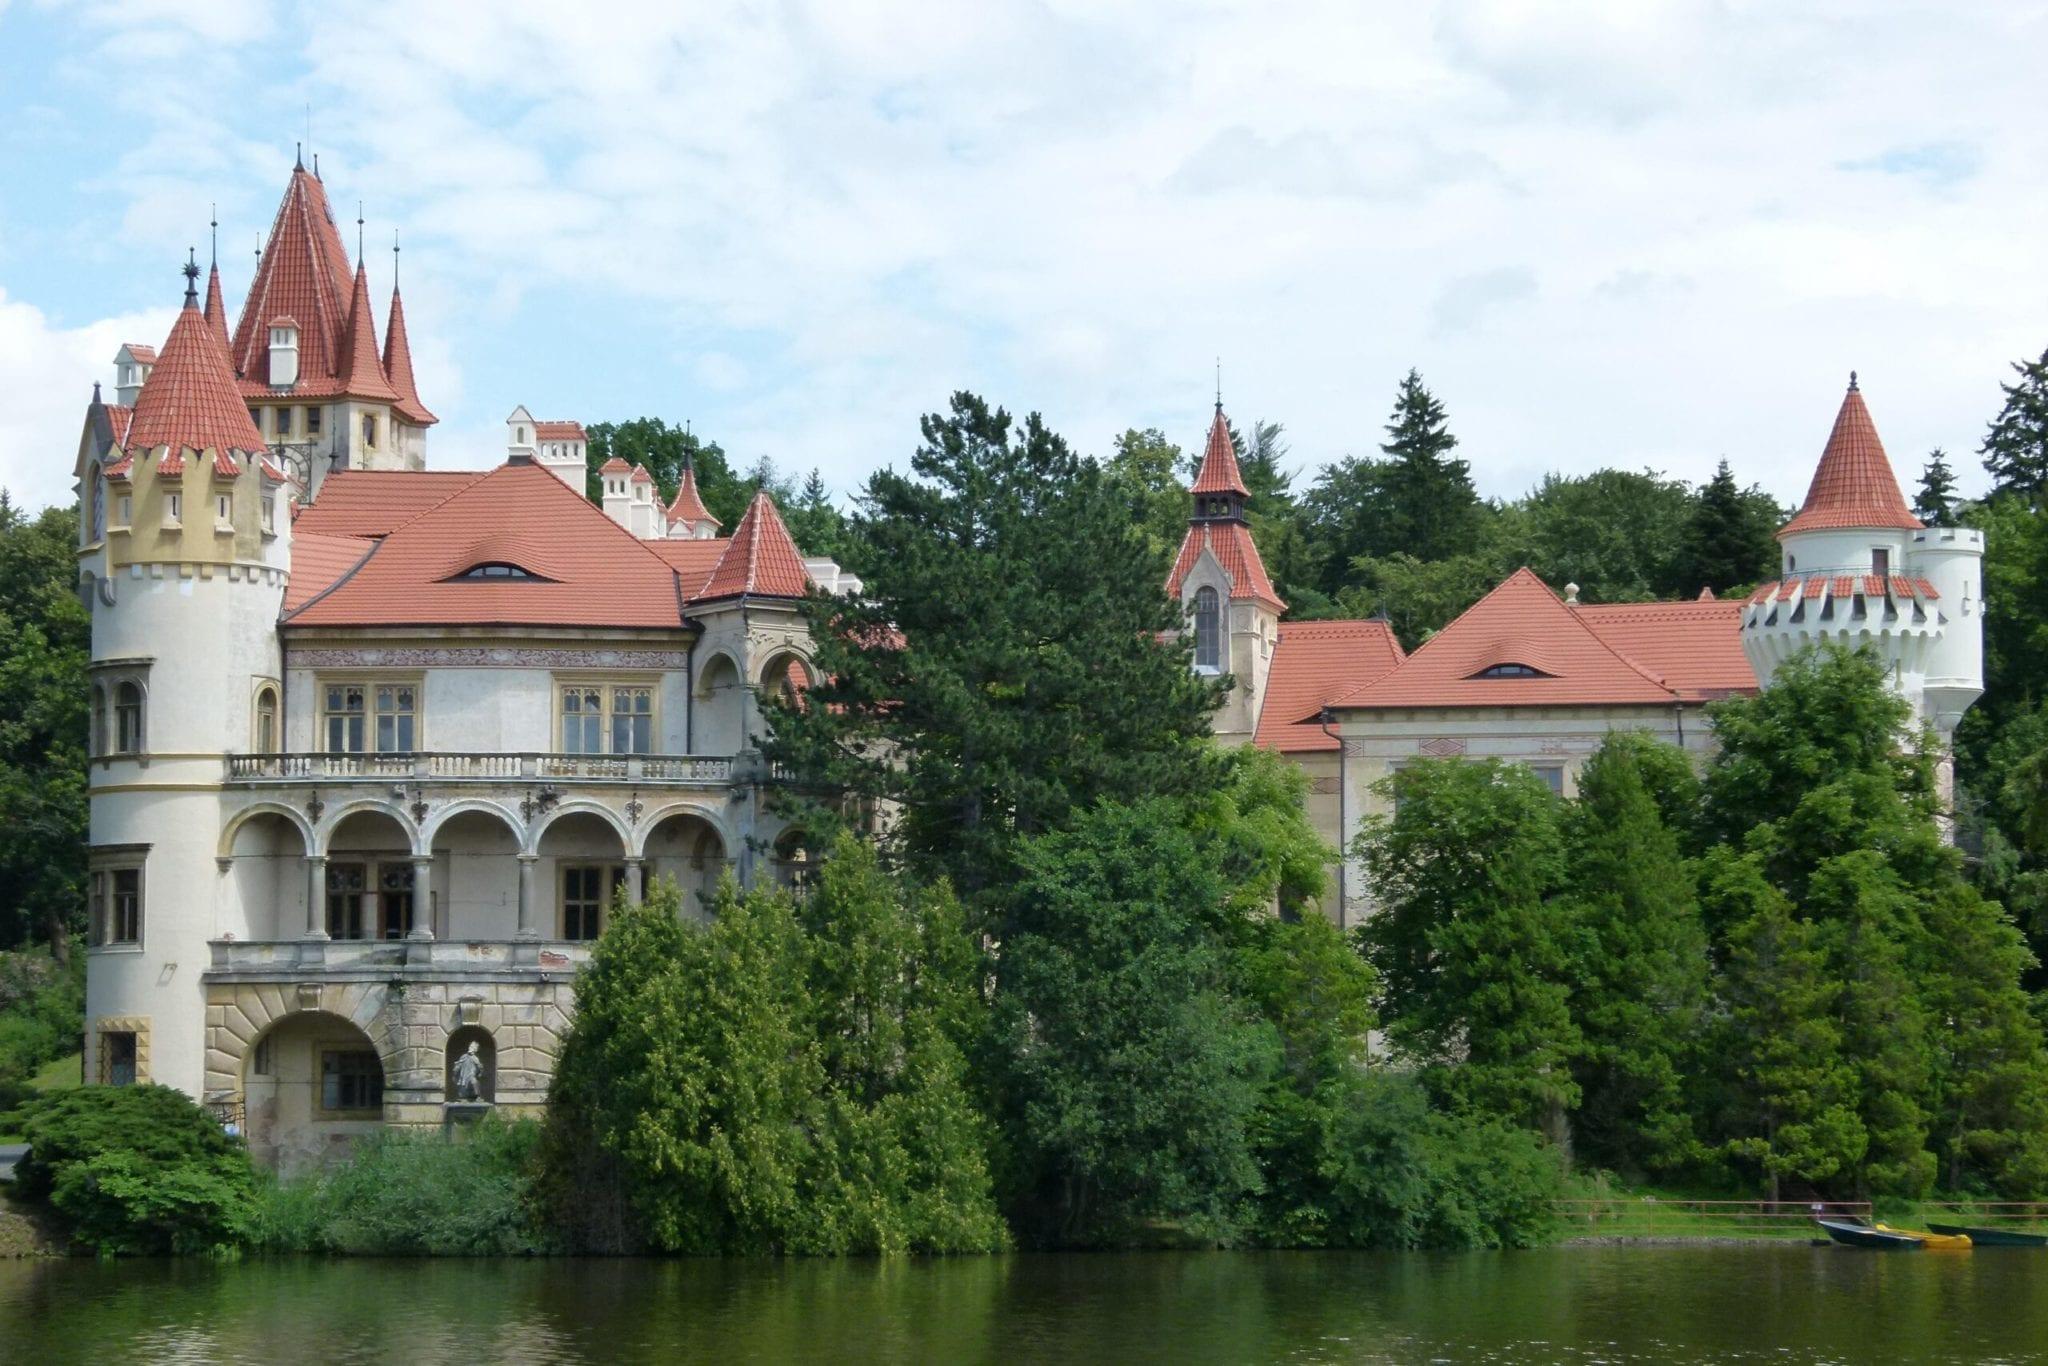 Unikátní prohlíka zámku Žinkovy